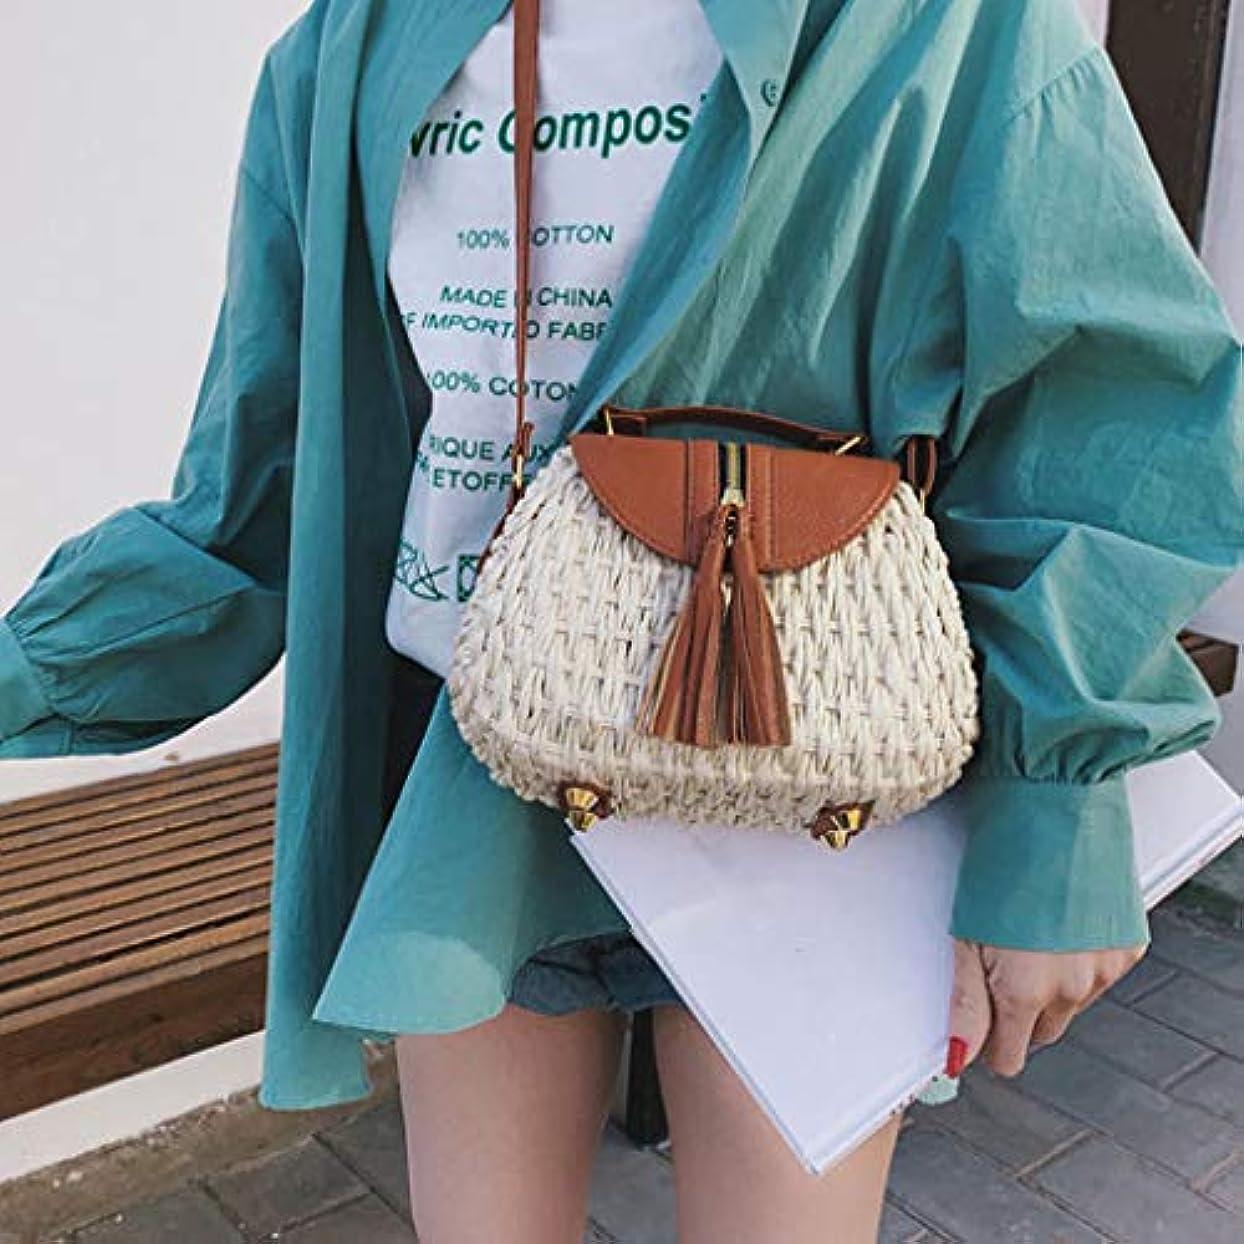 パン些細なペデスタル女性の流行のタッセルはショルダー?バッグ、女性浜の余暇のクロスボディ袋を織ります、女性のタッセルは浜様式のメッセンジャー袋を織ります、女性方法対照色のビーチ様式のメッセンジャー袋 (ベージュ)